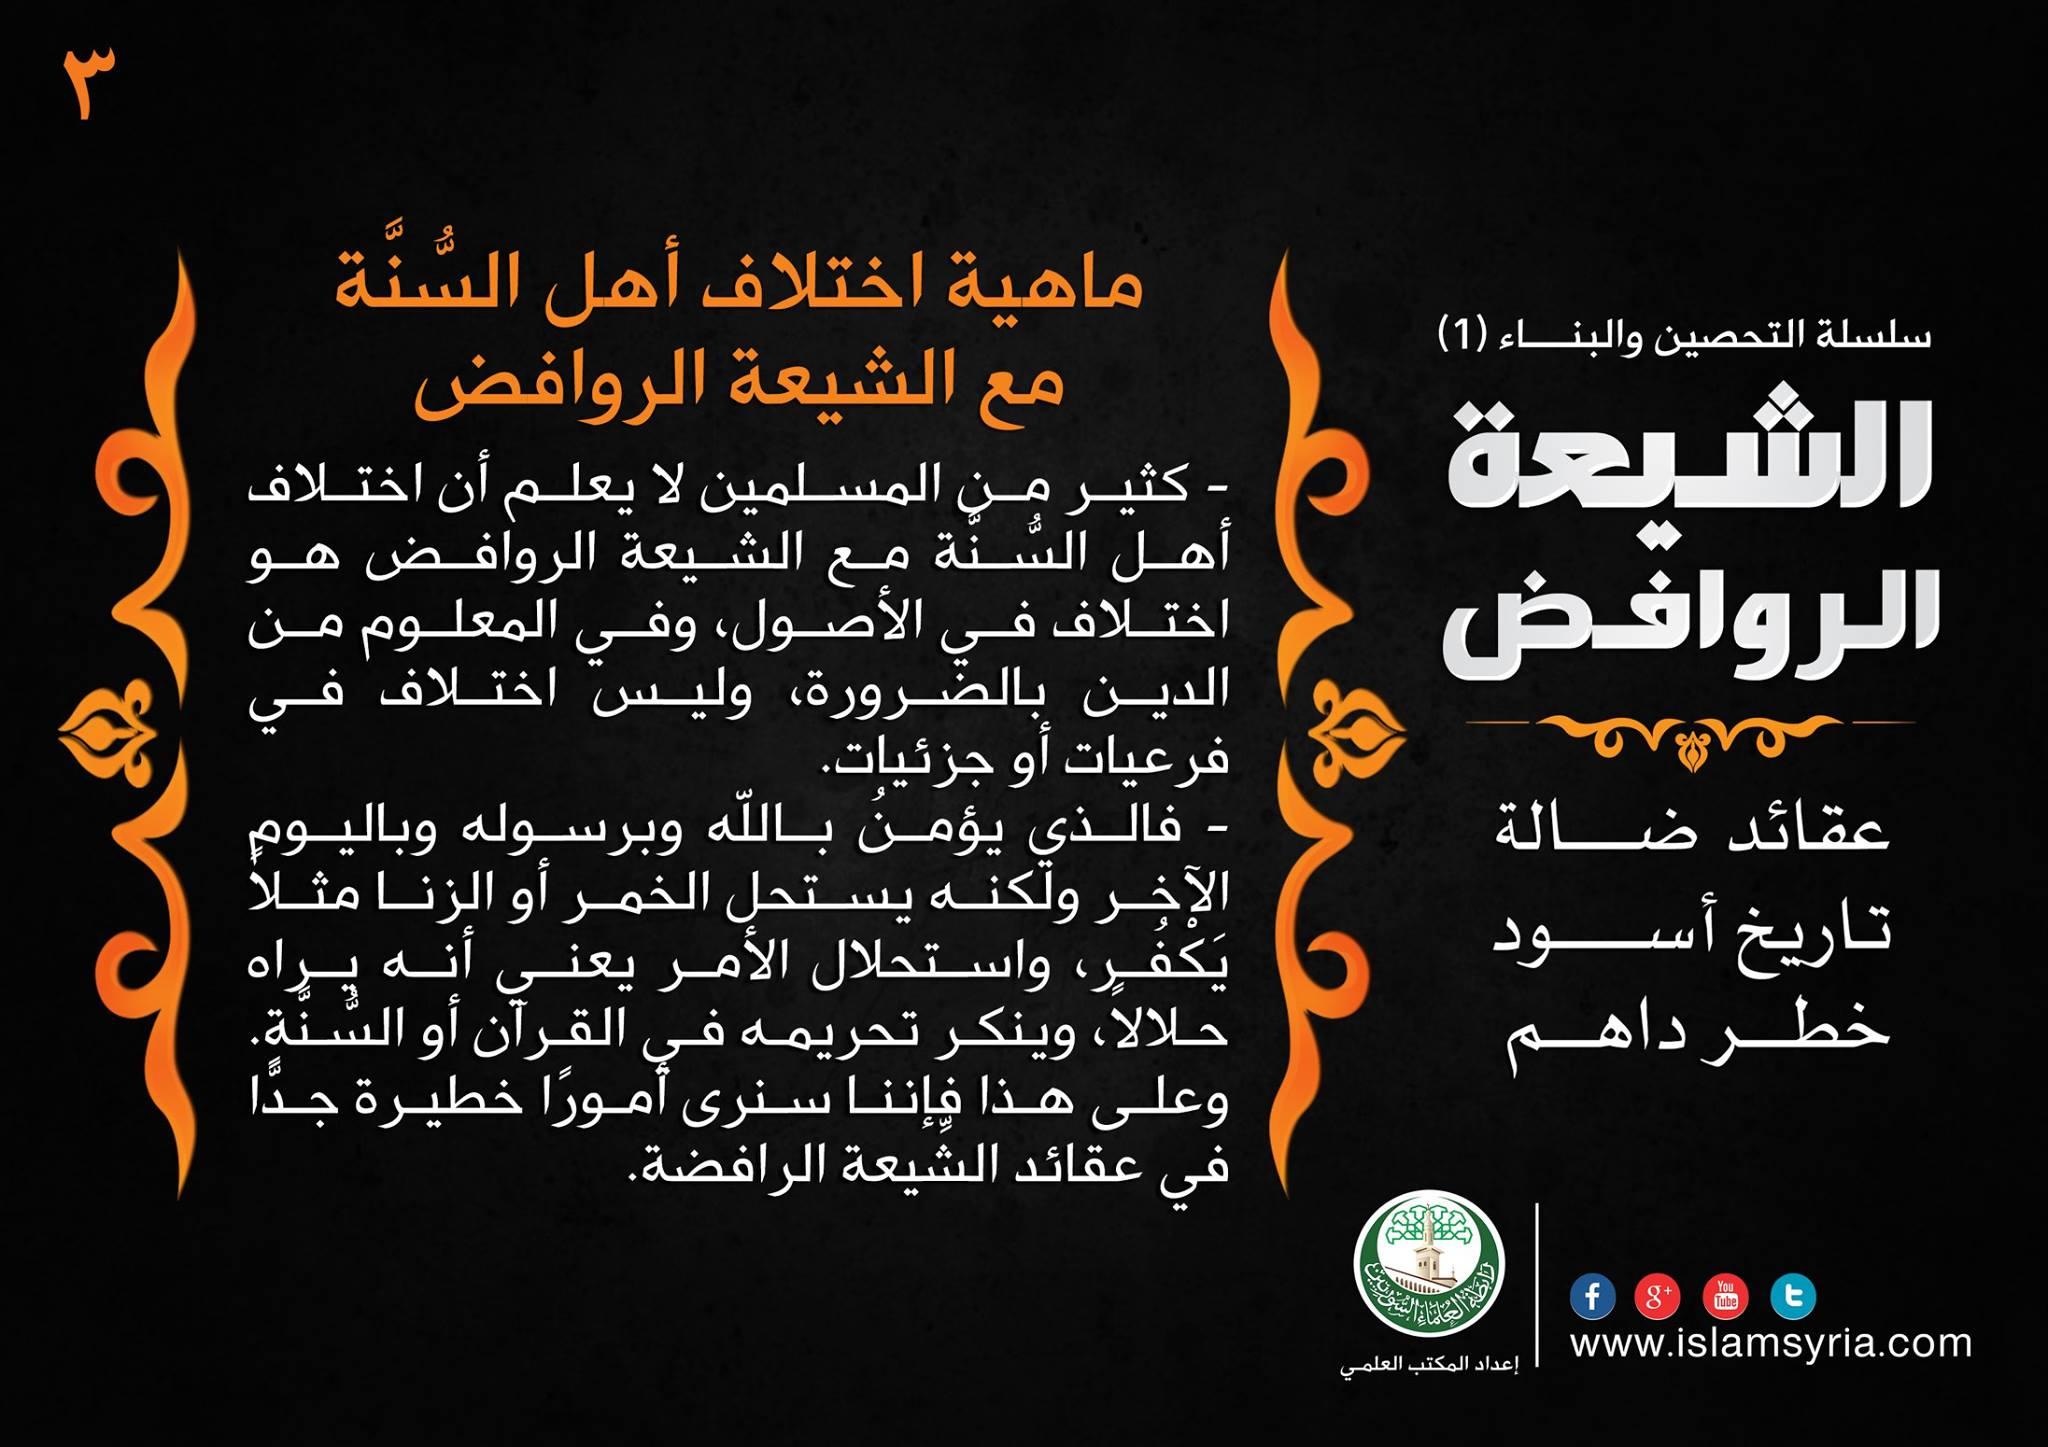 سلسلة التحصين والبناء -3- الشيعة الروافض